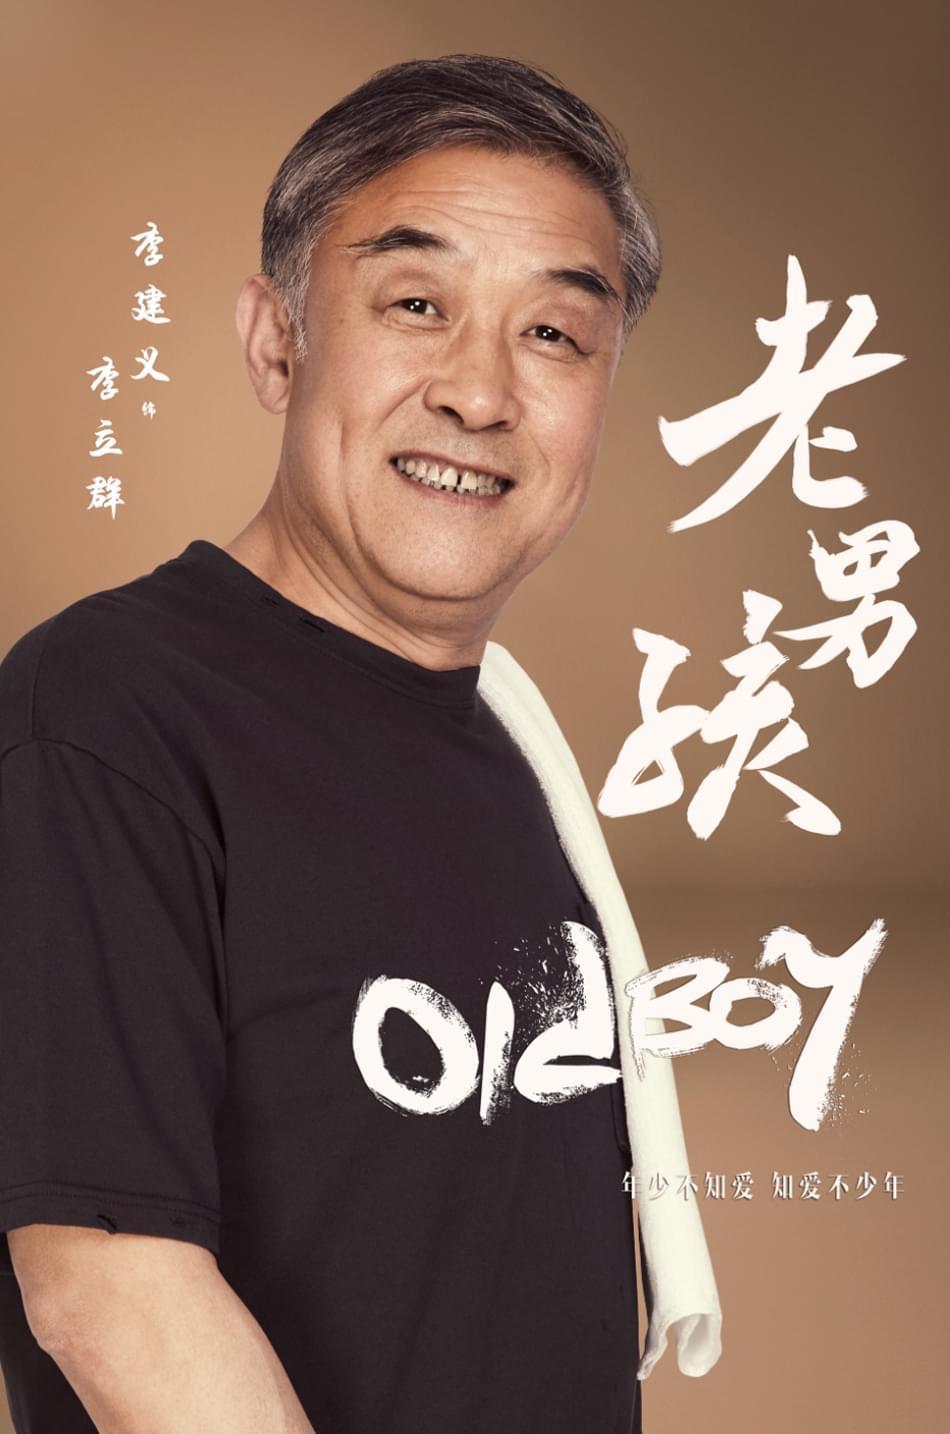 """《老男孩》全明星阵容首发 星光熠熠照亮""""航路"""""""